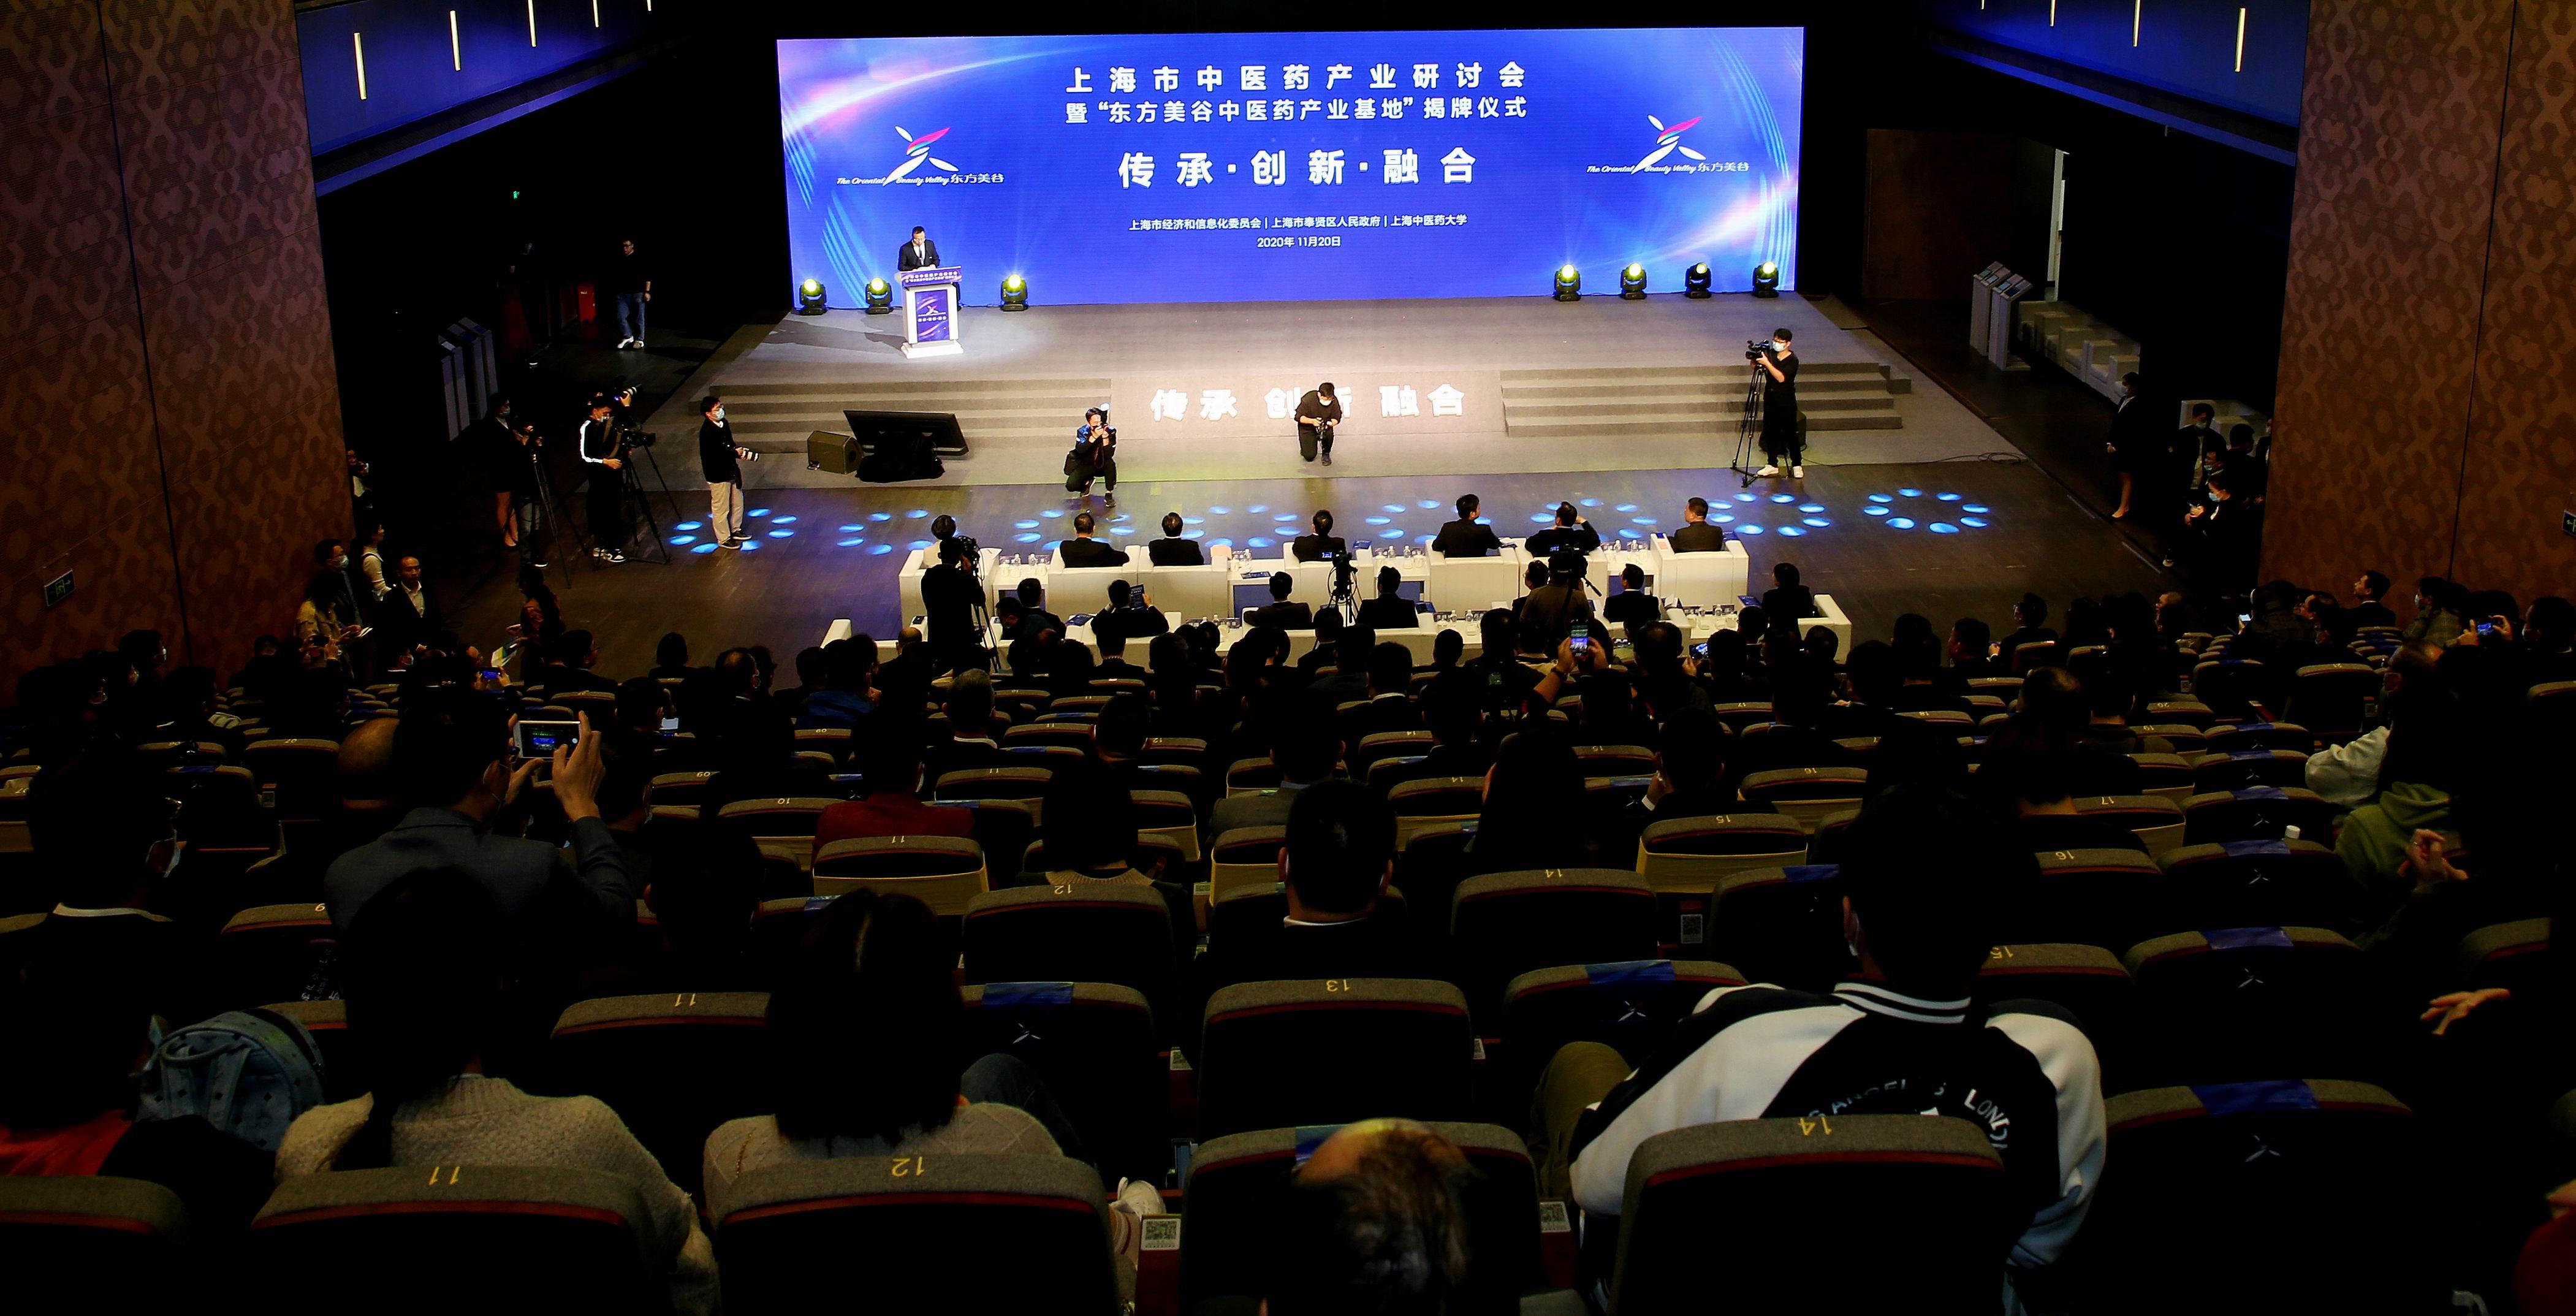 1、11月20日,上海市中医药产业研讨会在奉贤举行。